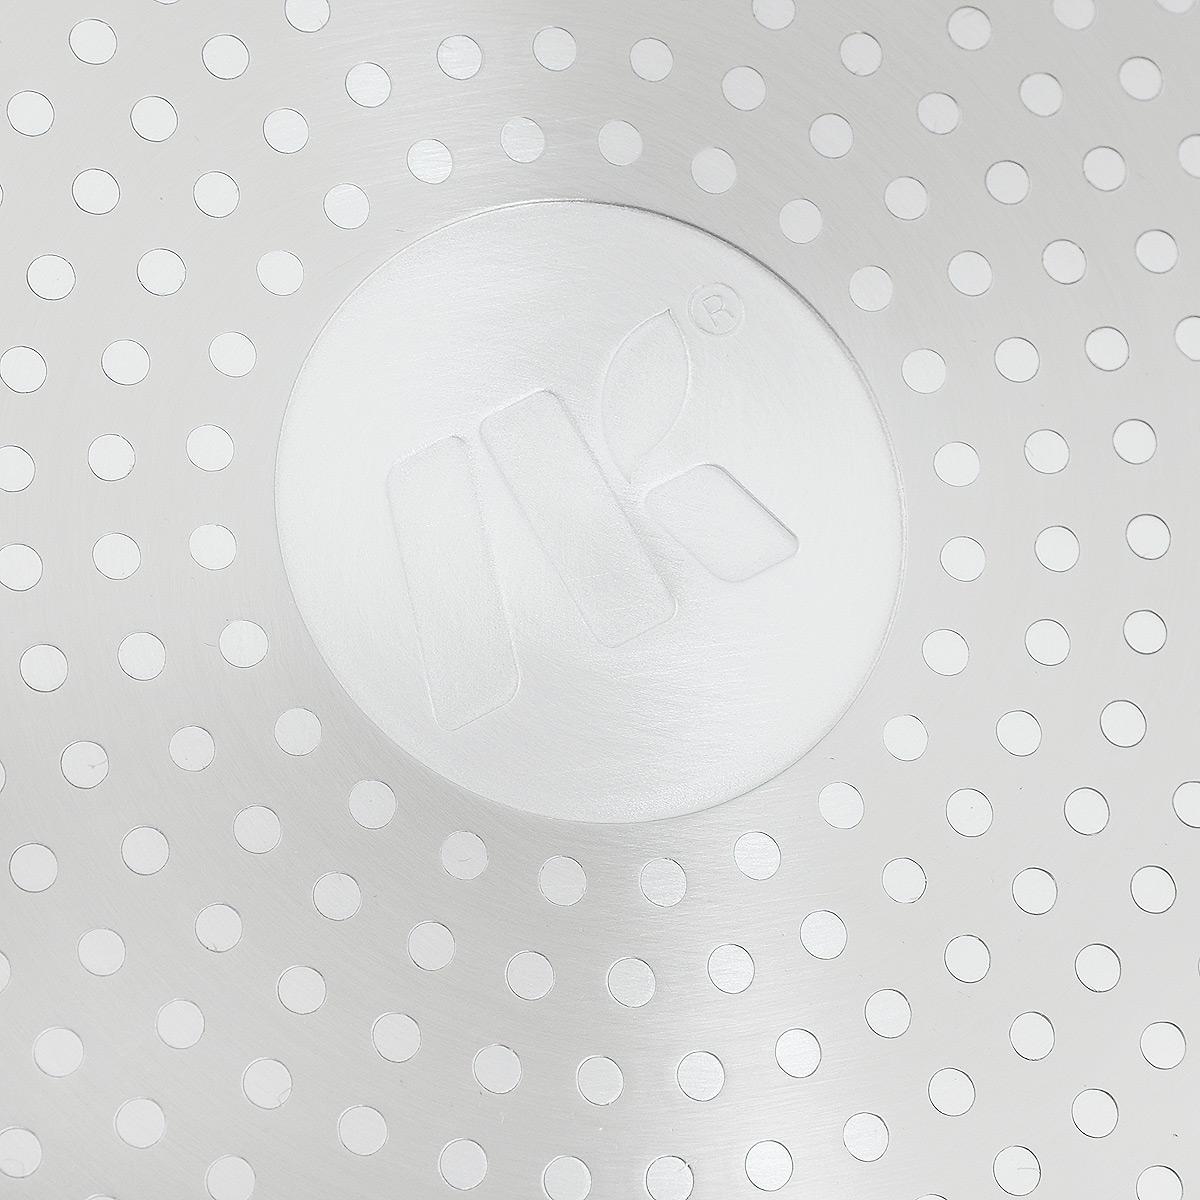 """Сковорода NaturePan """"Modern"""" выполнена из высококачественного кованого алюминия с  внутренним антипригарным керамическим покрытием Greblon Ceramic. Покрытие абсолютно  безопасно для здоровья, не содержит вредных веществ и устойчиво к царапинам. Керамическое  покрытие позволит вам готовить вкусную и здоровую еду с минимальным добавлением масла и  жира.   Усиленное кованное дно обеспечивает равномерное распределение тепла по всей поверхности  сковороды, что улучшает качество приготовленной пищи.  Сковорода оснащена удобной  пластиковой ручкой с противоскользящим покрытием, которая не нагревается.  Подходит  для всех типов плит, включая индукционные.  Можно мыть в посудомоечной машине.   Высота стенок: 5,5 см.  Длина ручки: 18 см."""